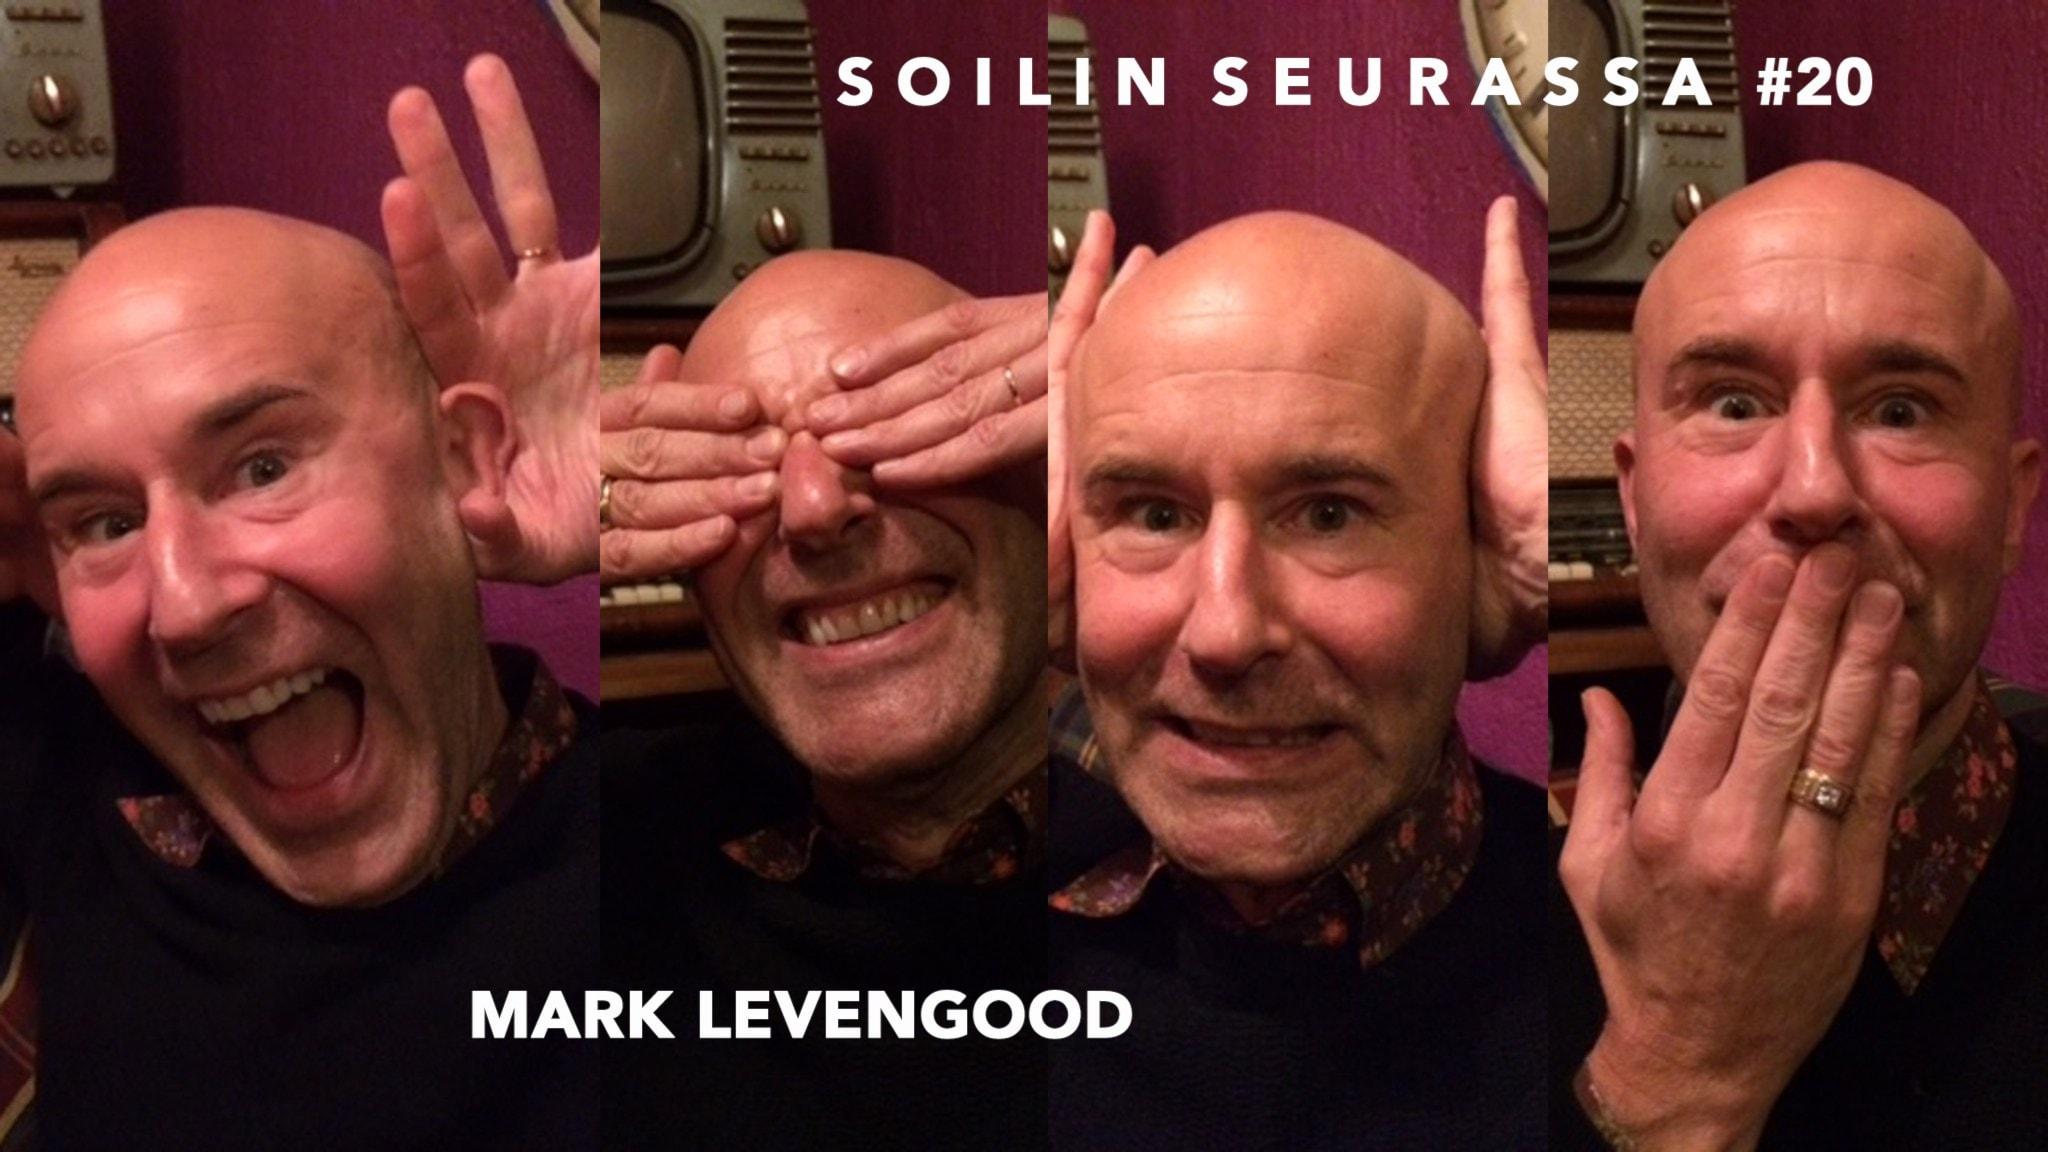 Soilin seurassa Mark Levengood - kirjailija, tv-profiili, Unicef-lähettiläs, ja ehdottomasti yksi Ruotsin tunnetuimmista suomalaisista